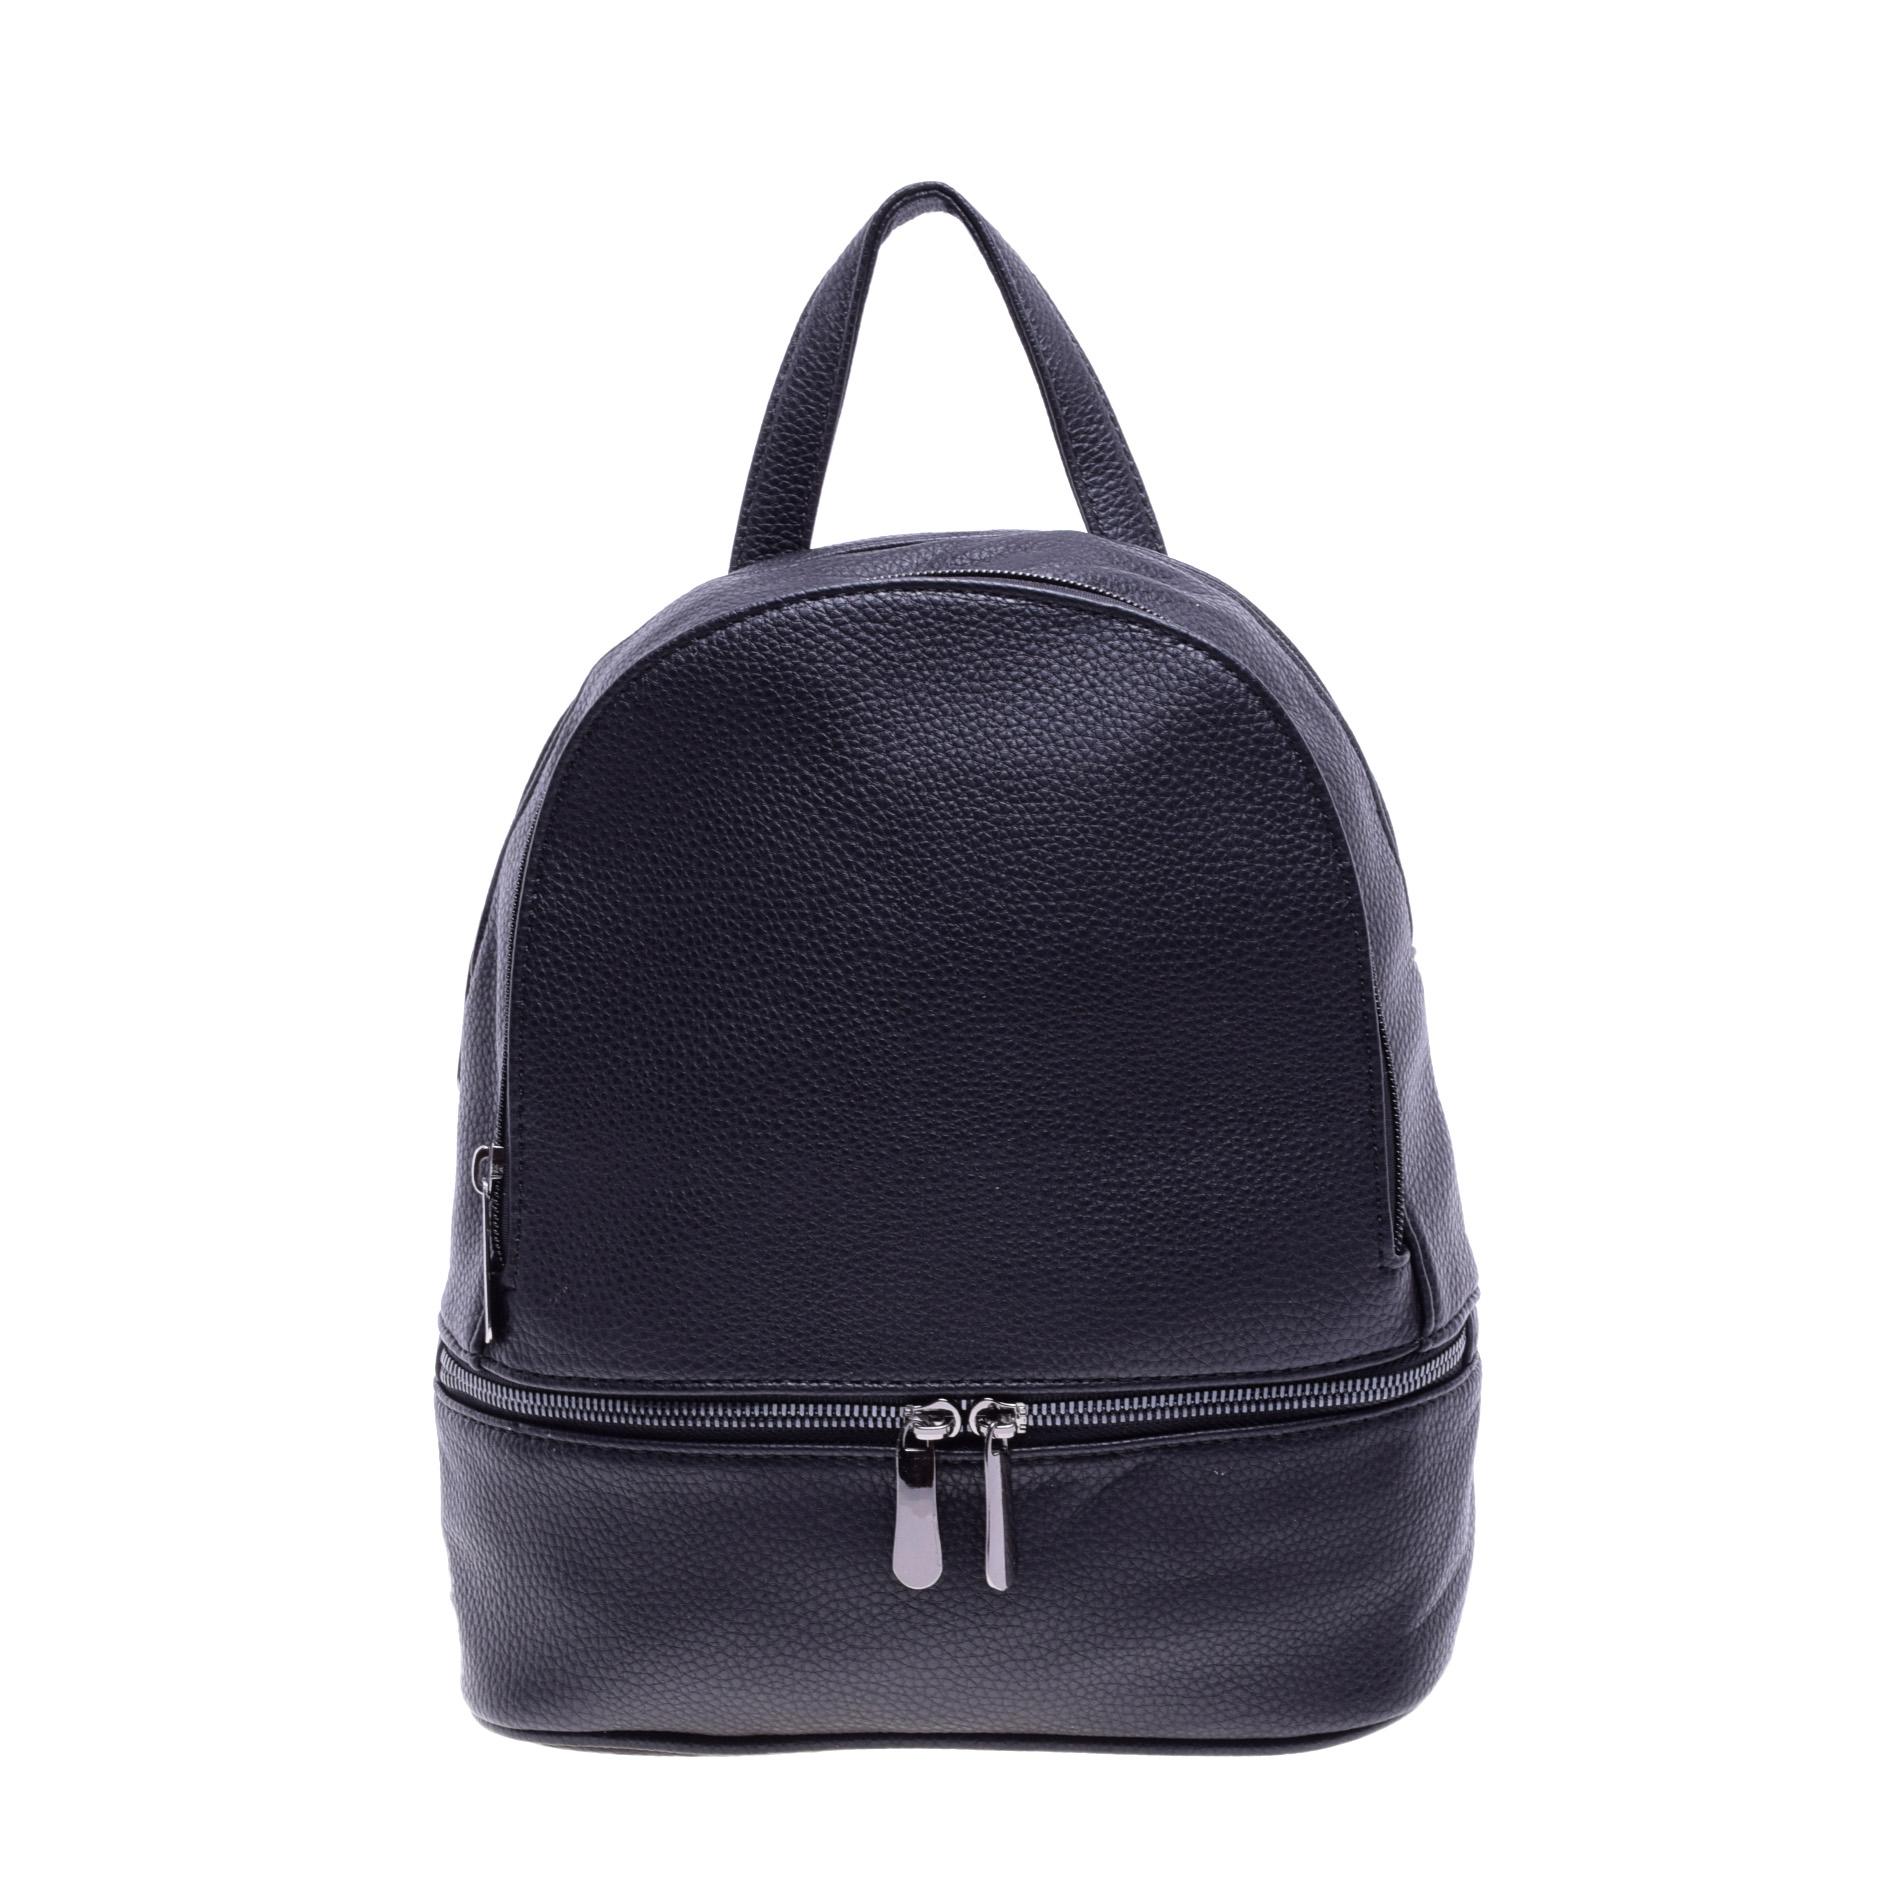 9b568d532076 Női Közepes Méretű Fekete Műbőr Hátizsák - Műbőr - Táska webáruház -  Minőségi táskák mindenkinek